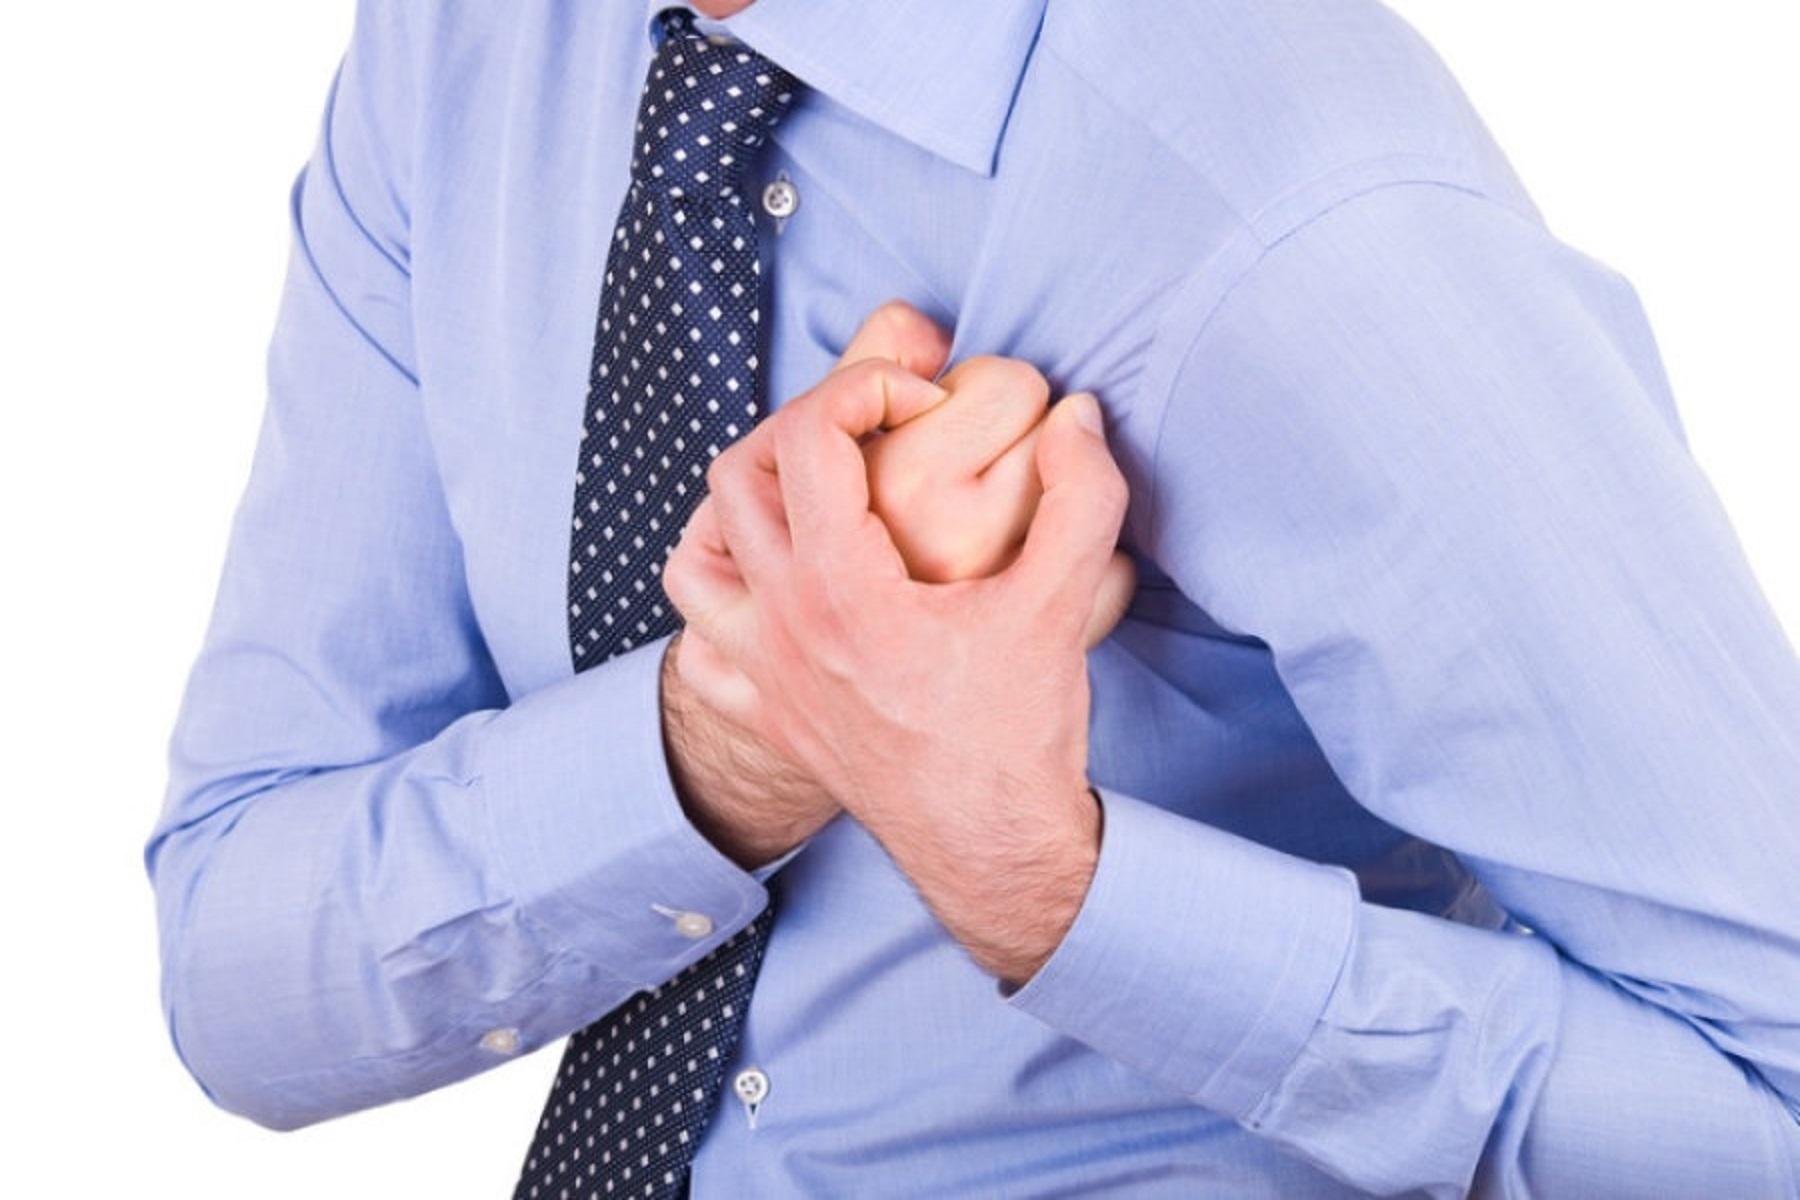 Καρδιακή Προσβολή: Πώς μπορούμε να αναγεννήσουμε τον κατεστραμμένο ιστό;